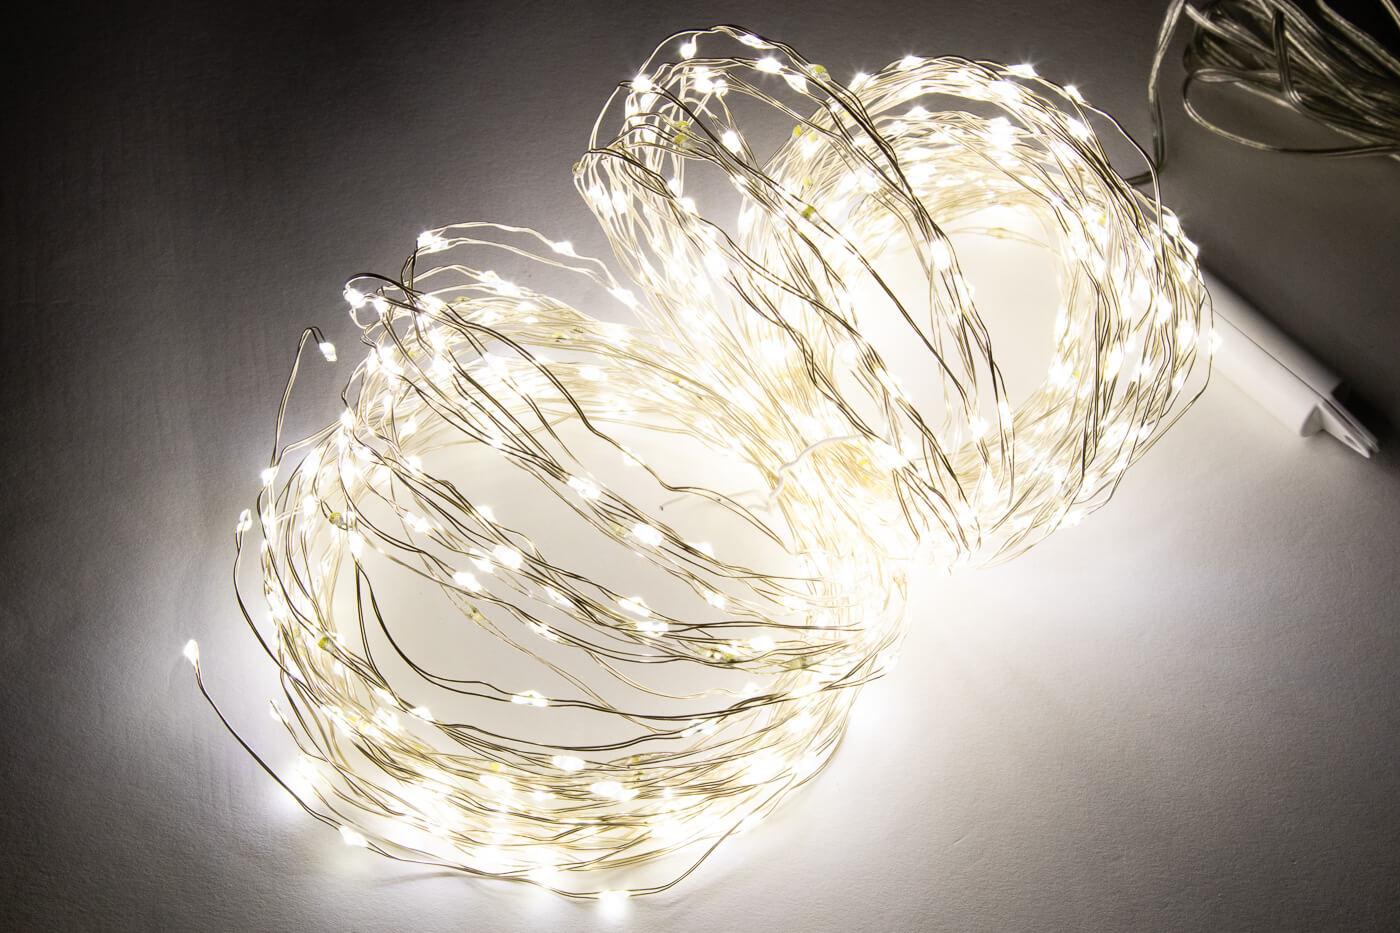 Micro LED-Lichtbündel mit Funkel Effekt 600 flg. Kaltweiss Lotti 48751